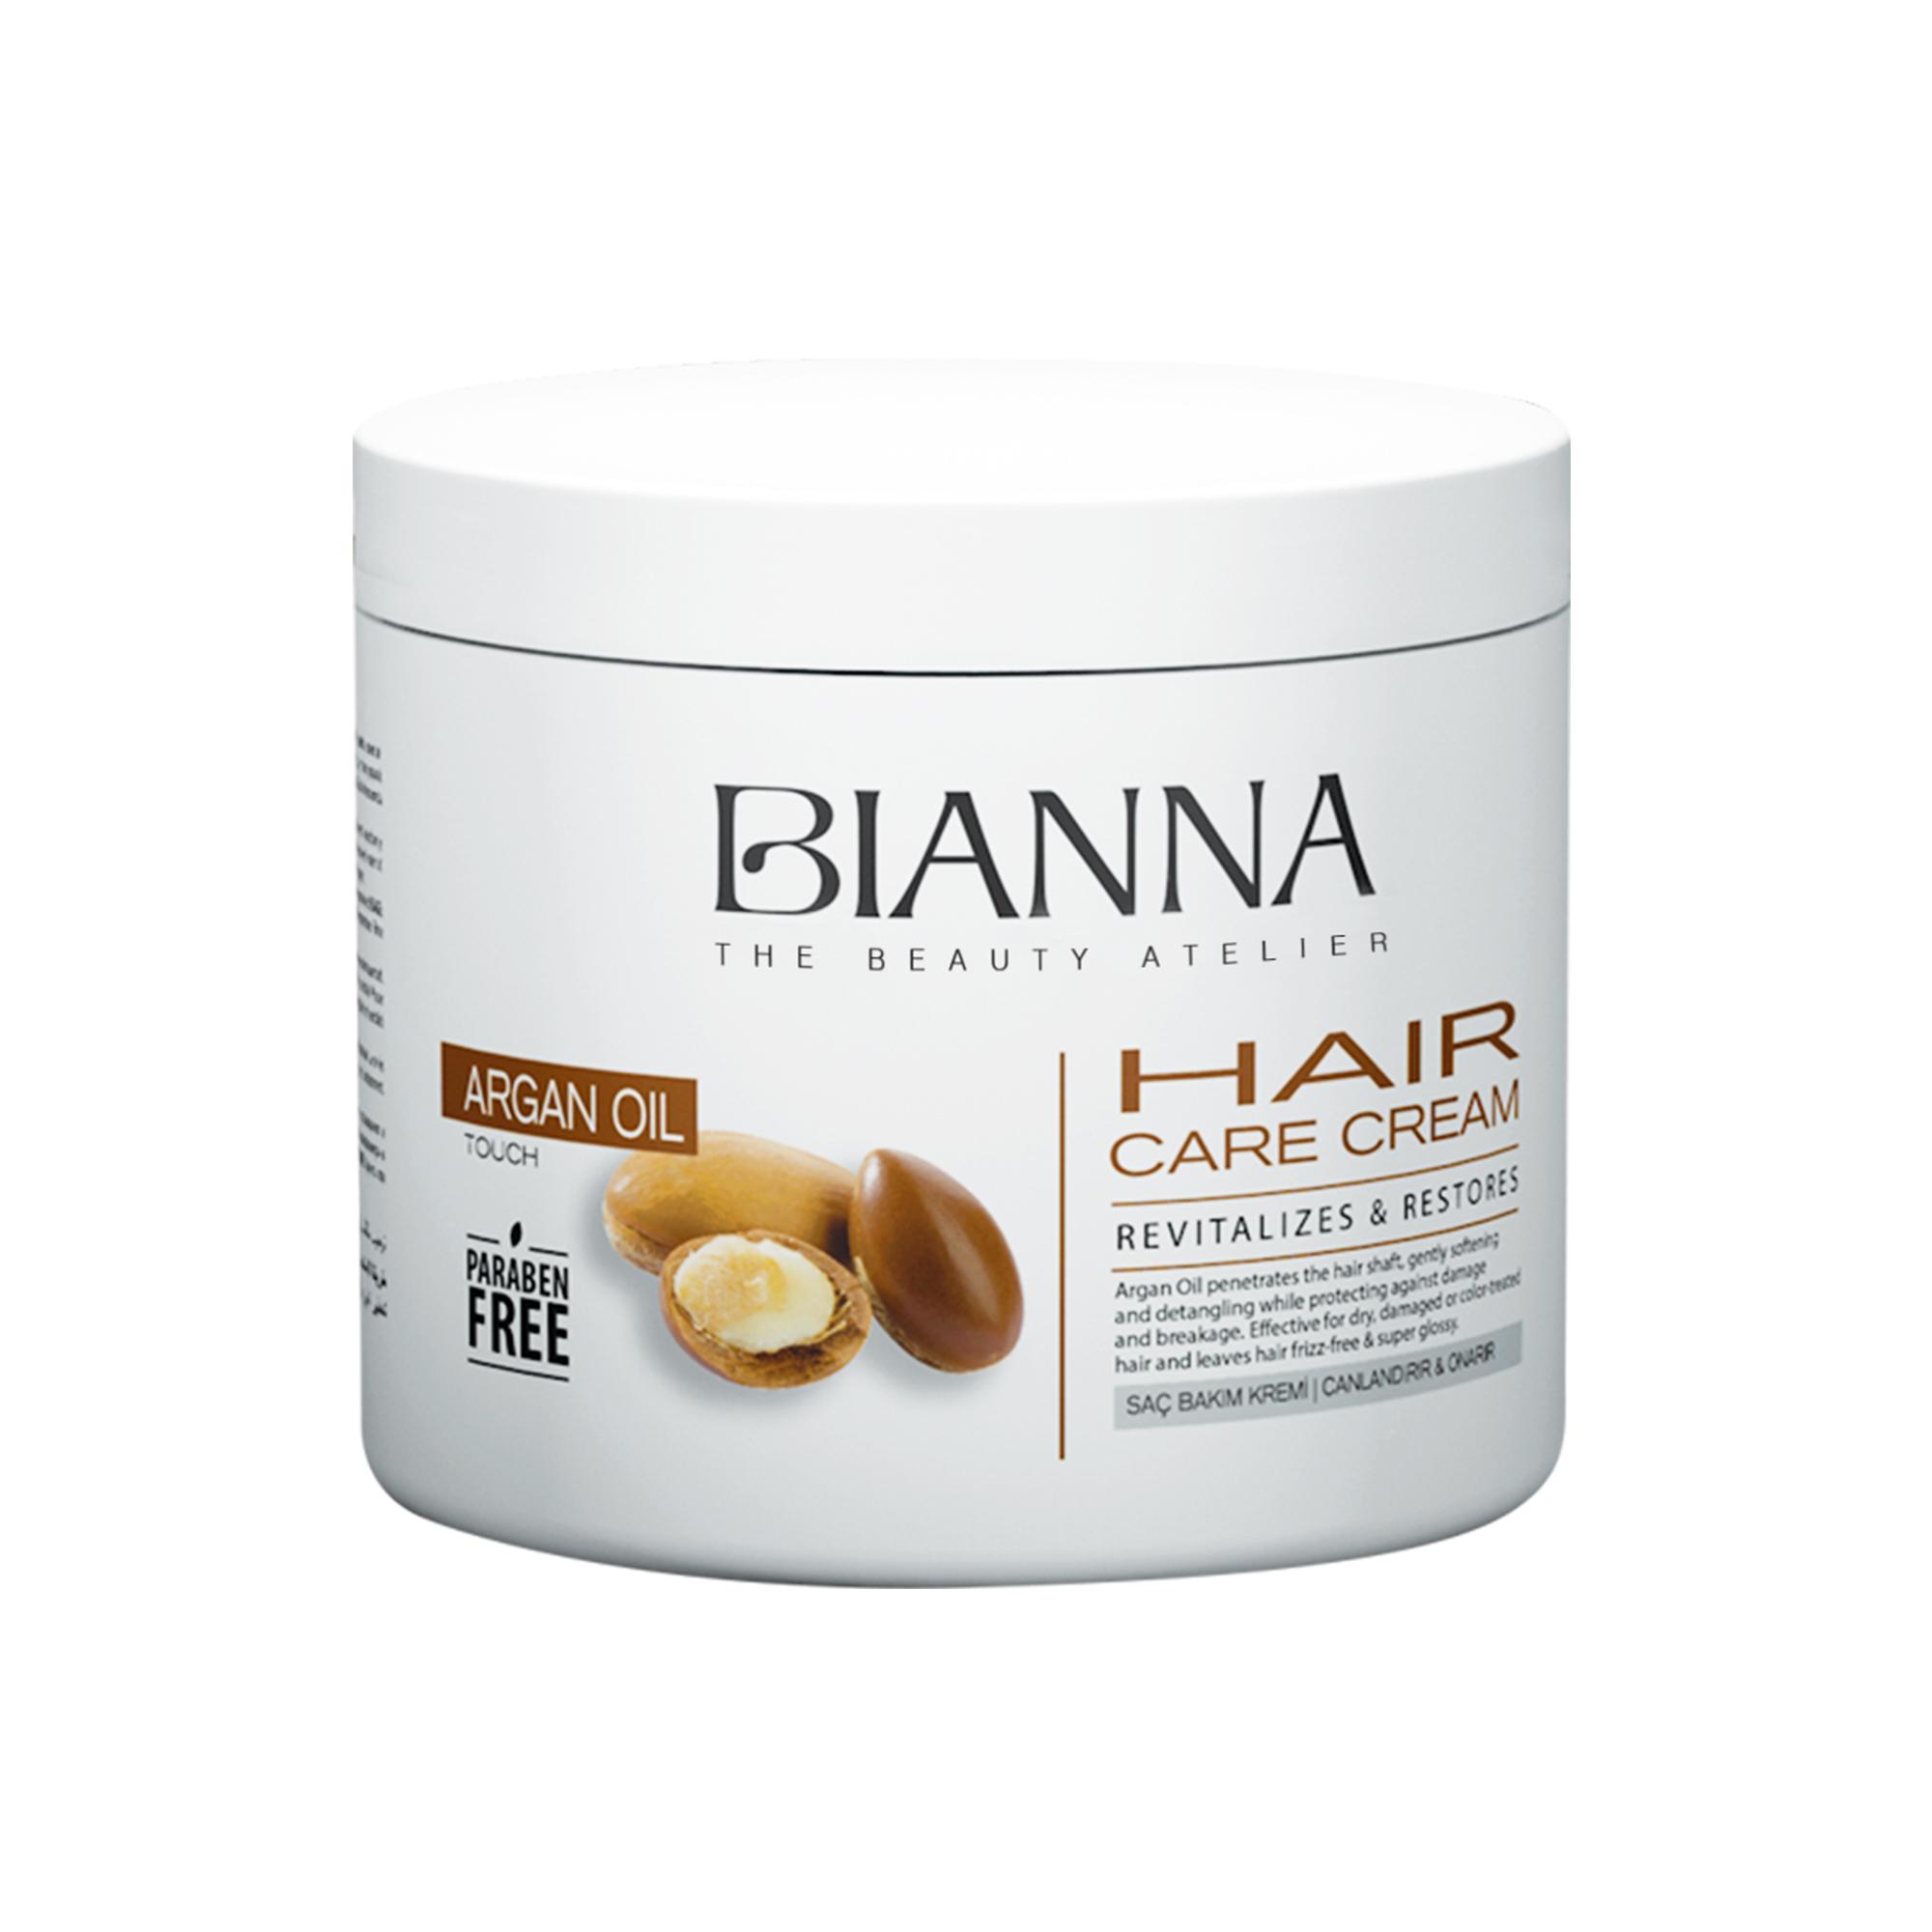 BIANNA HAIR CARE CREAM - ARGAN / 2203-01